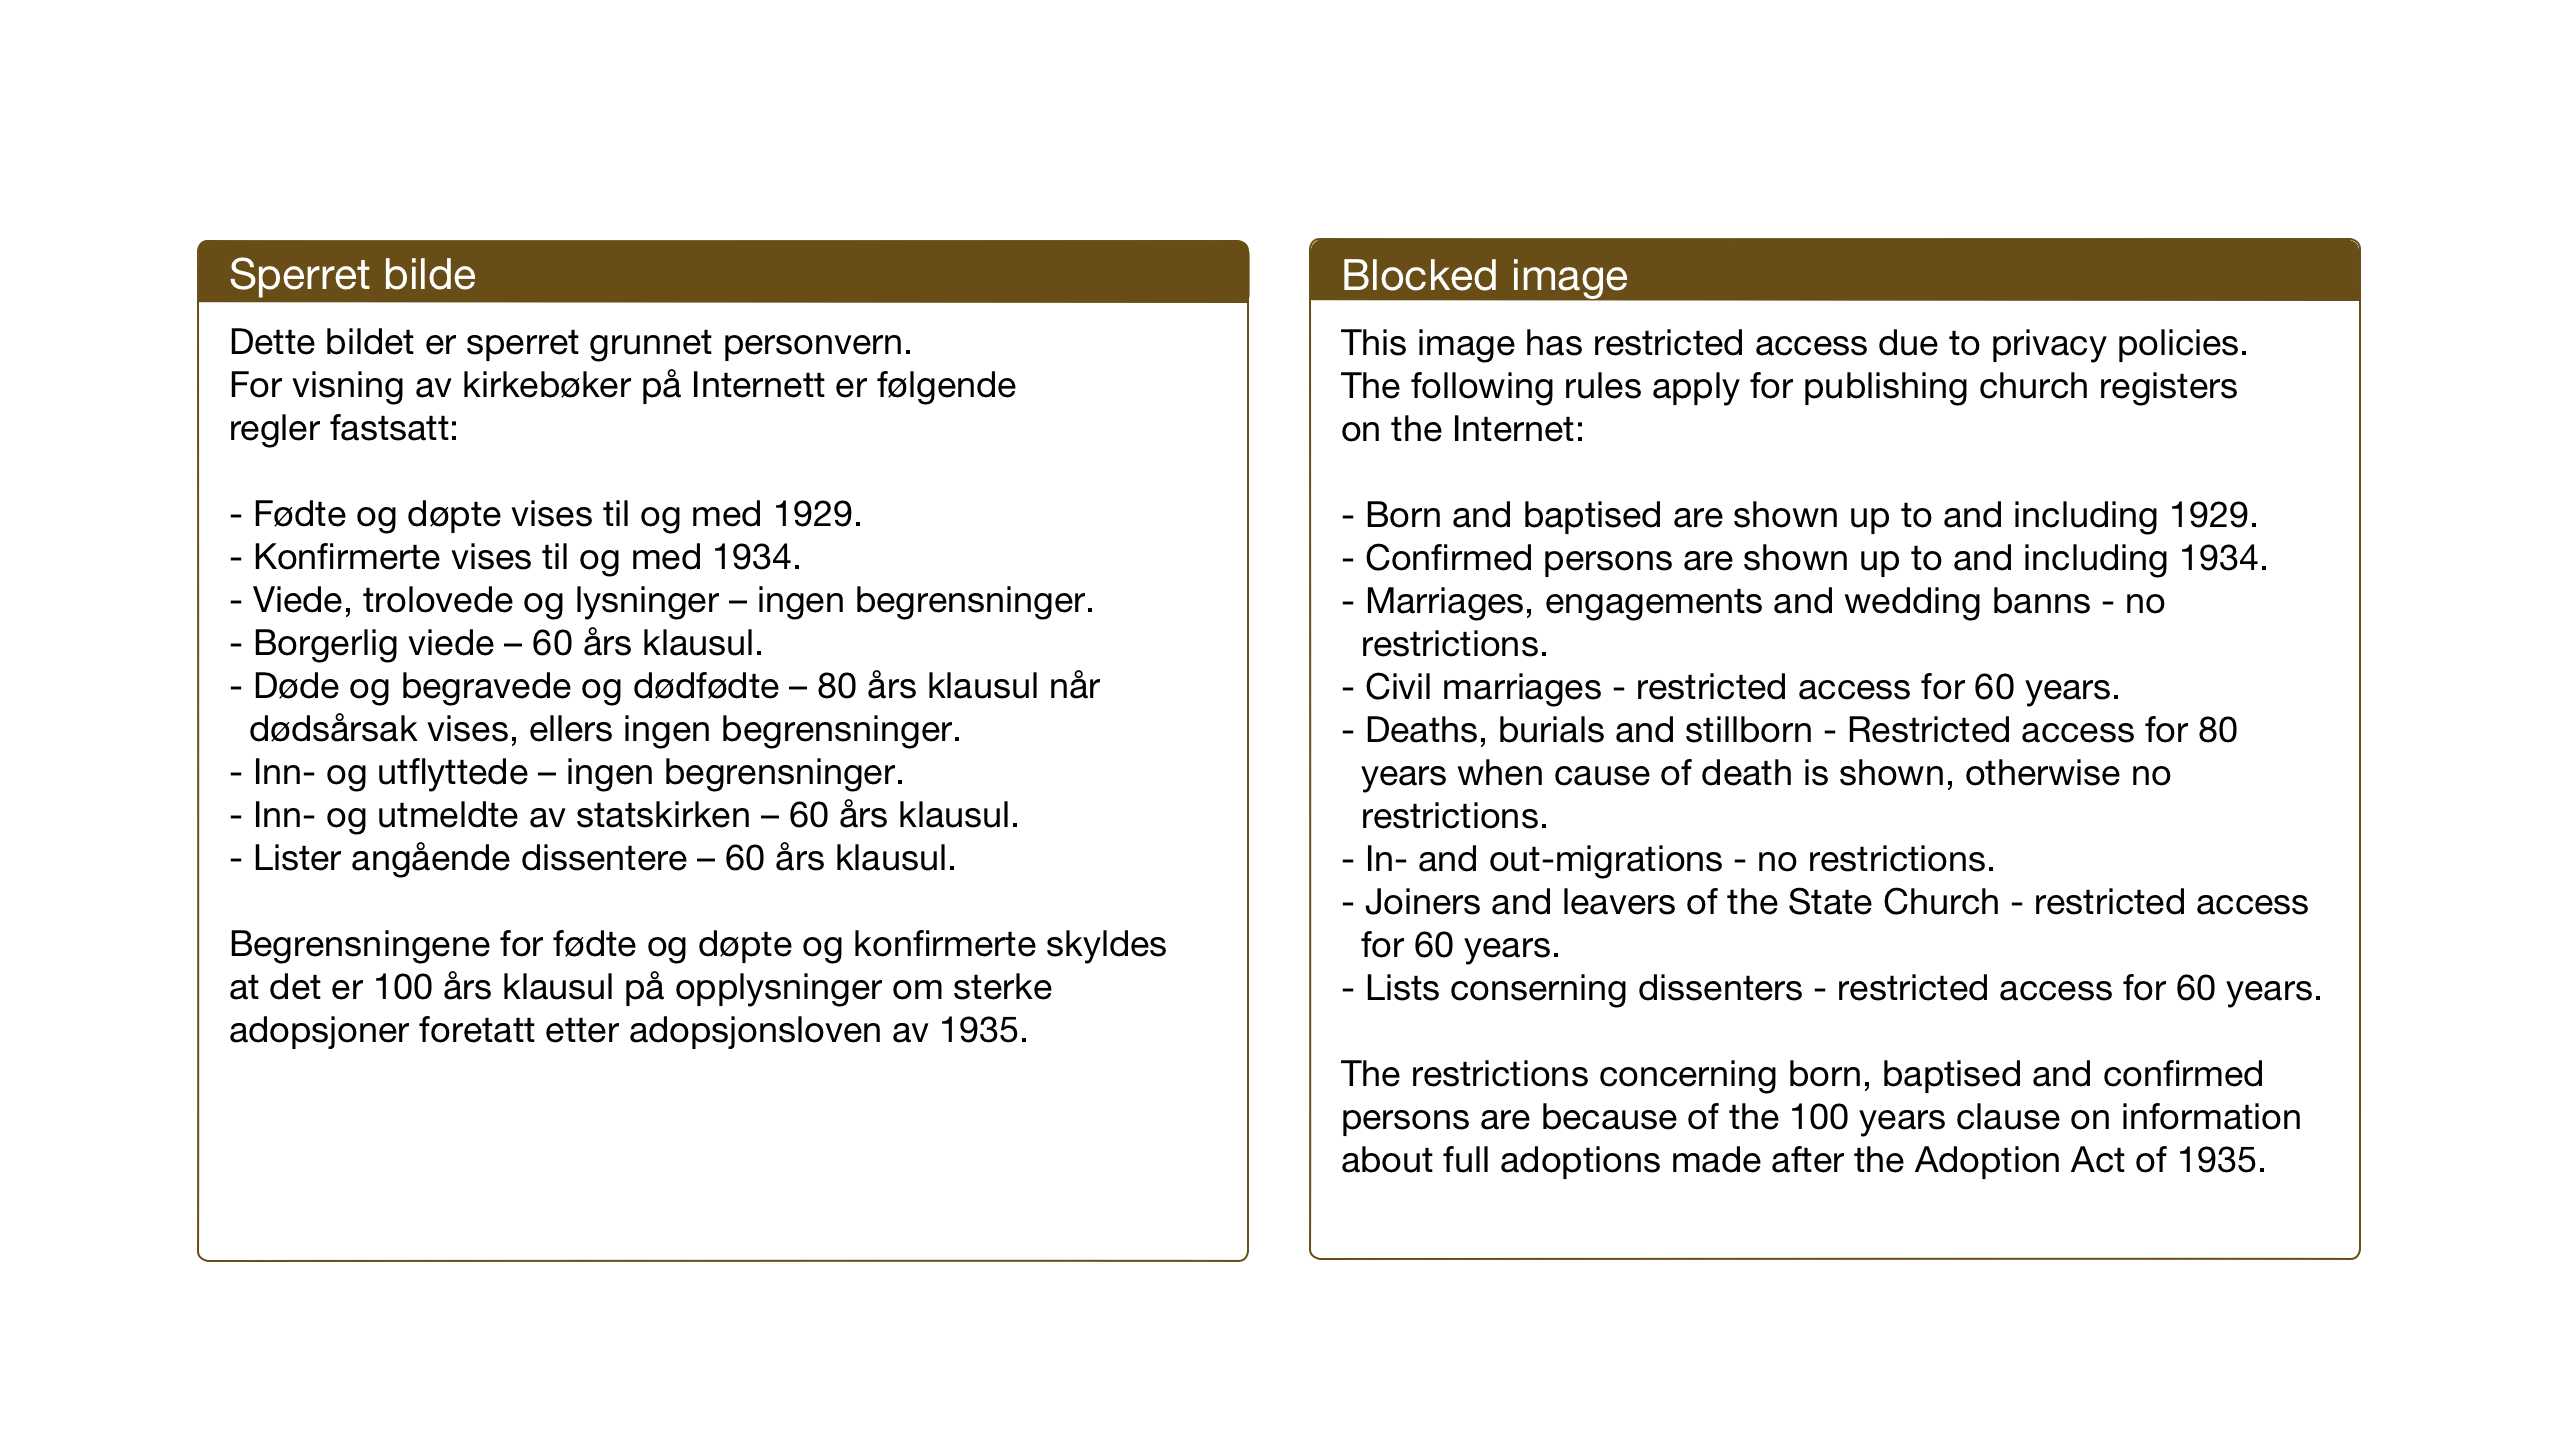 SAT, Ministerialprotokoller, klokkerbøker og fødselsregistre - Sør-Trøndelag, 603/L0177: Klokkerbok nr. 603C05, 1941-1952, s. 210